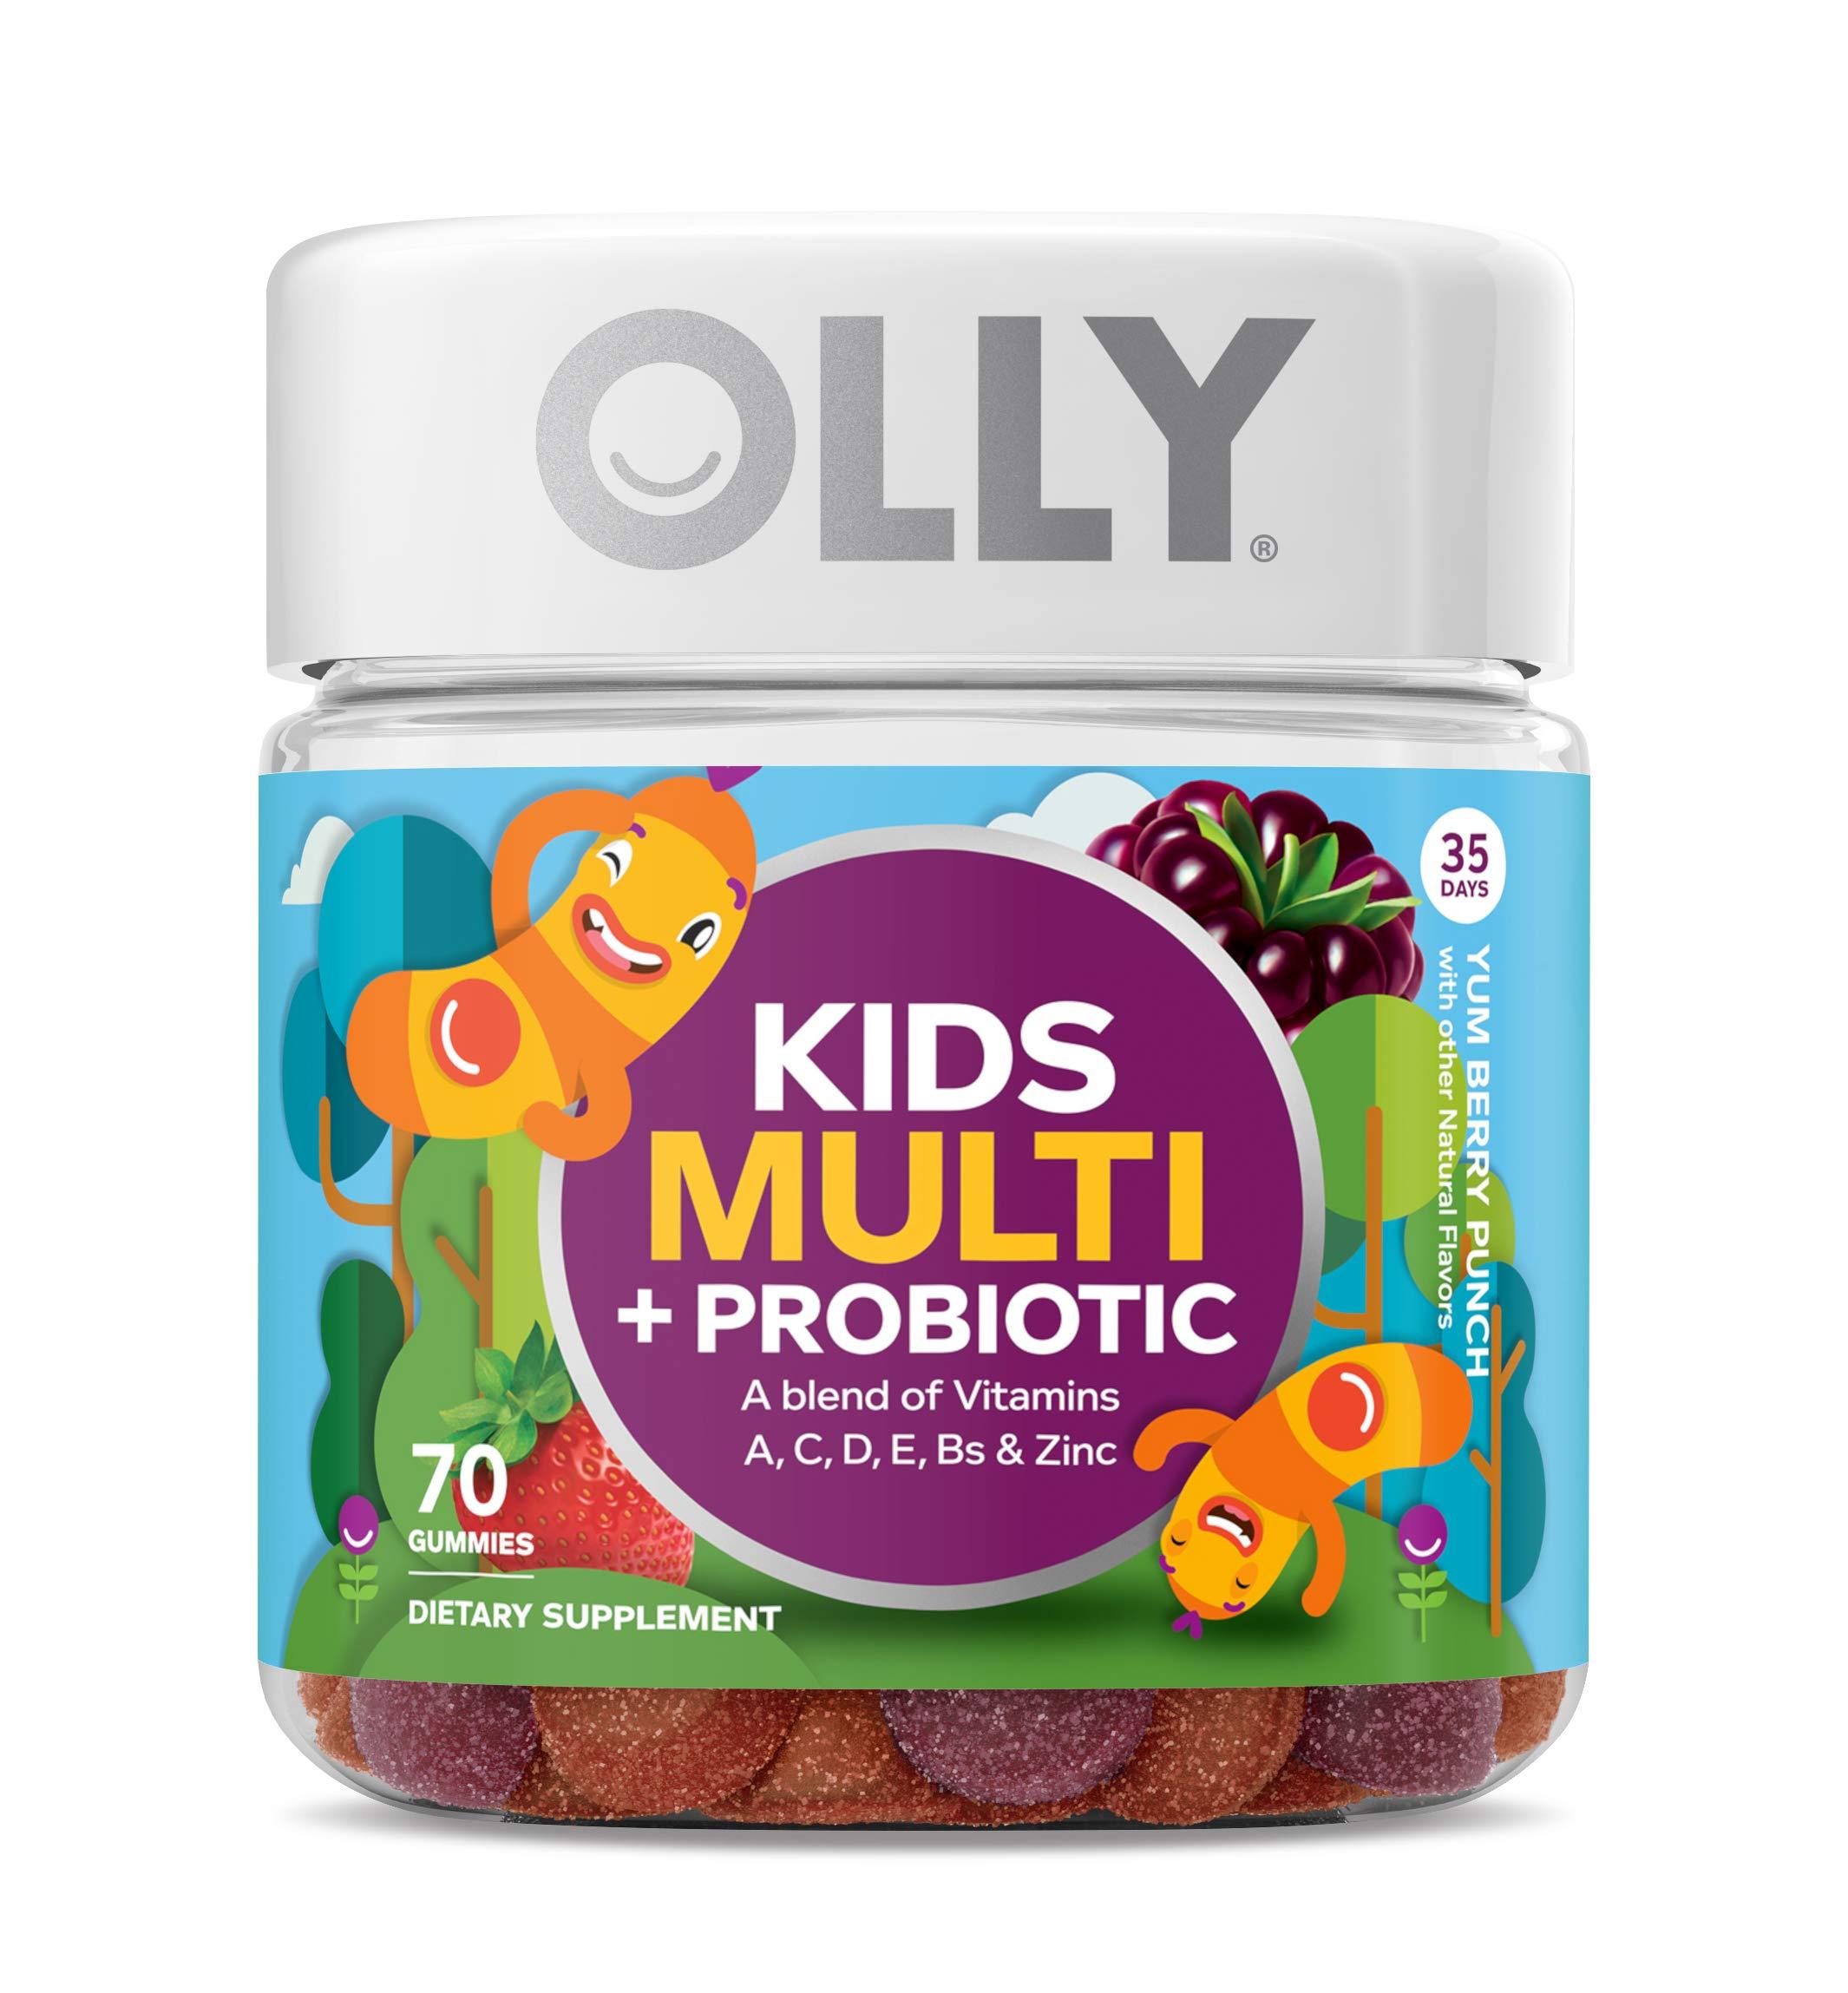 Multivitamin Probiotic Supplement PROBIOTICS Gummies